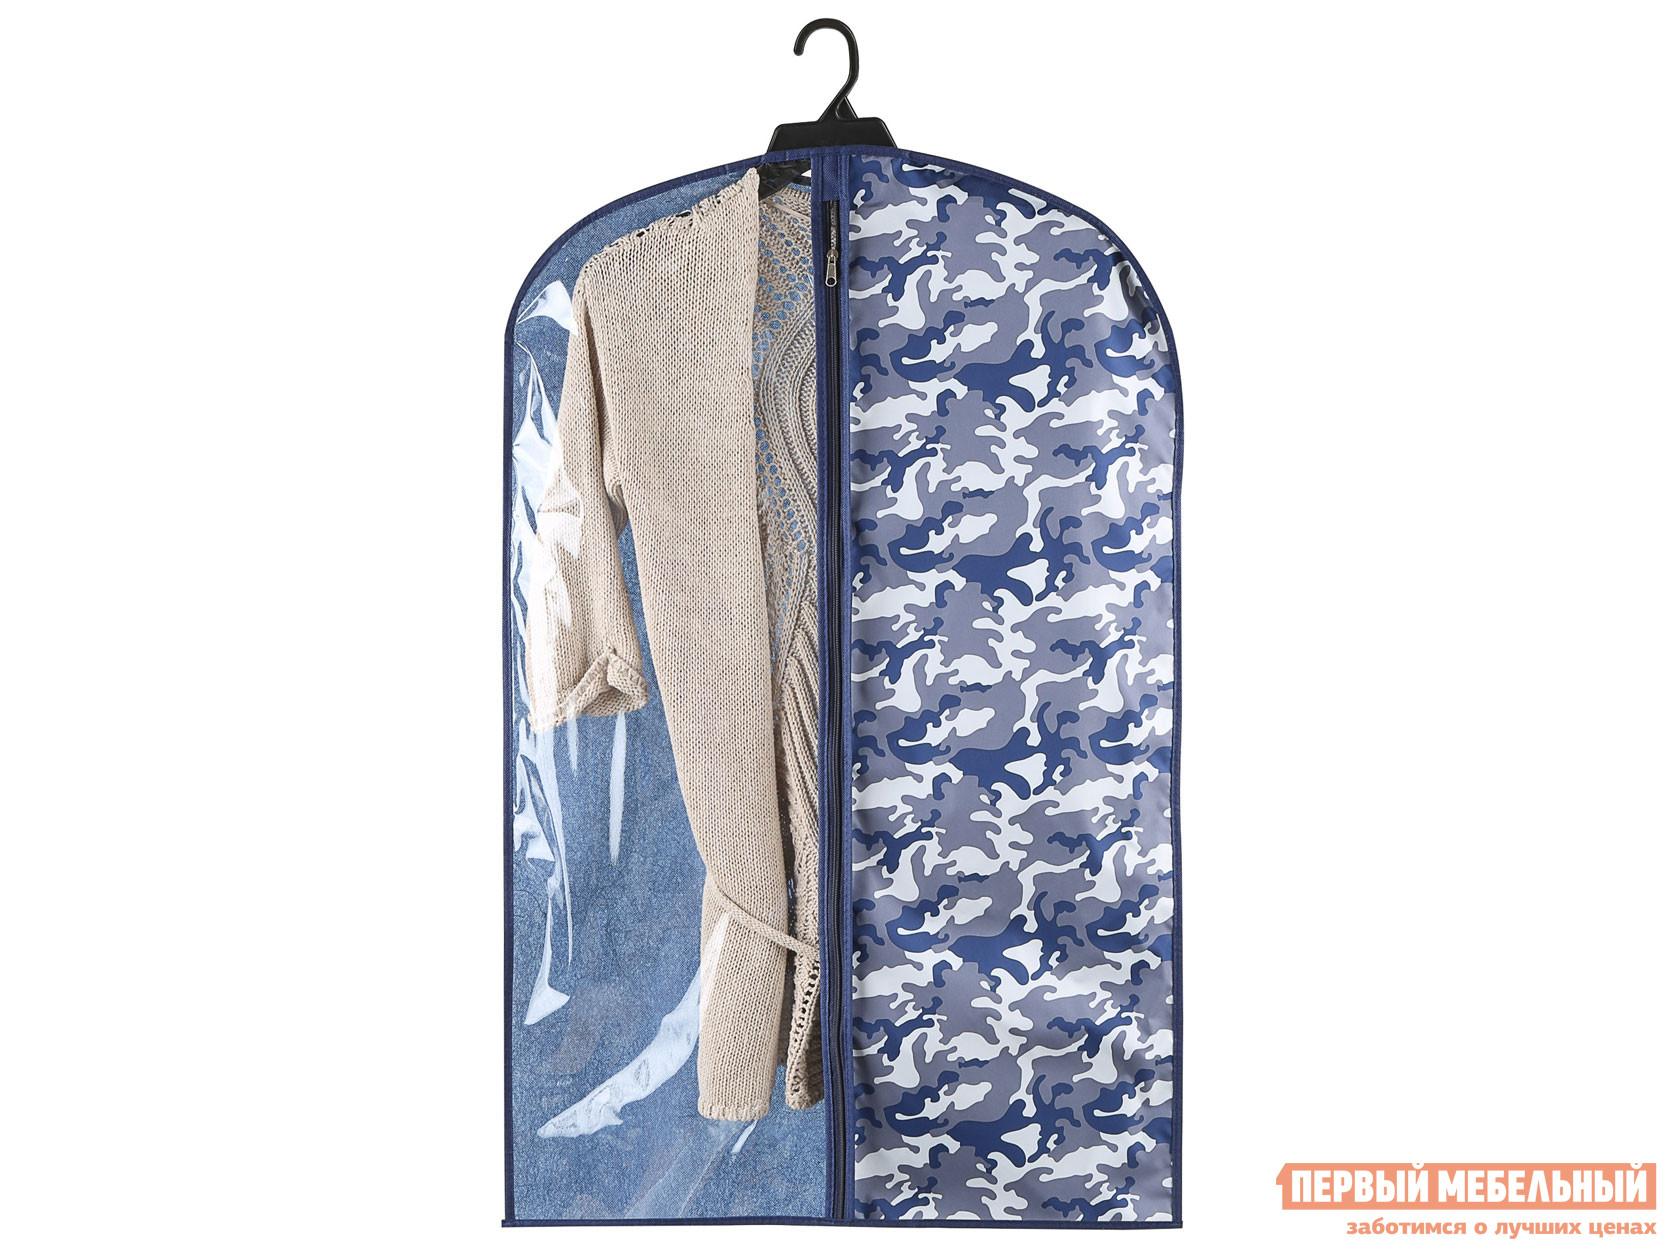 Кофр Чехол для одежды малый 60х100см Камо Нейви, спанбонд фото